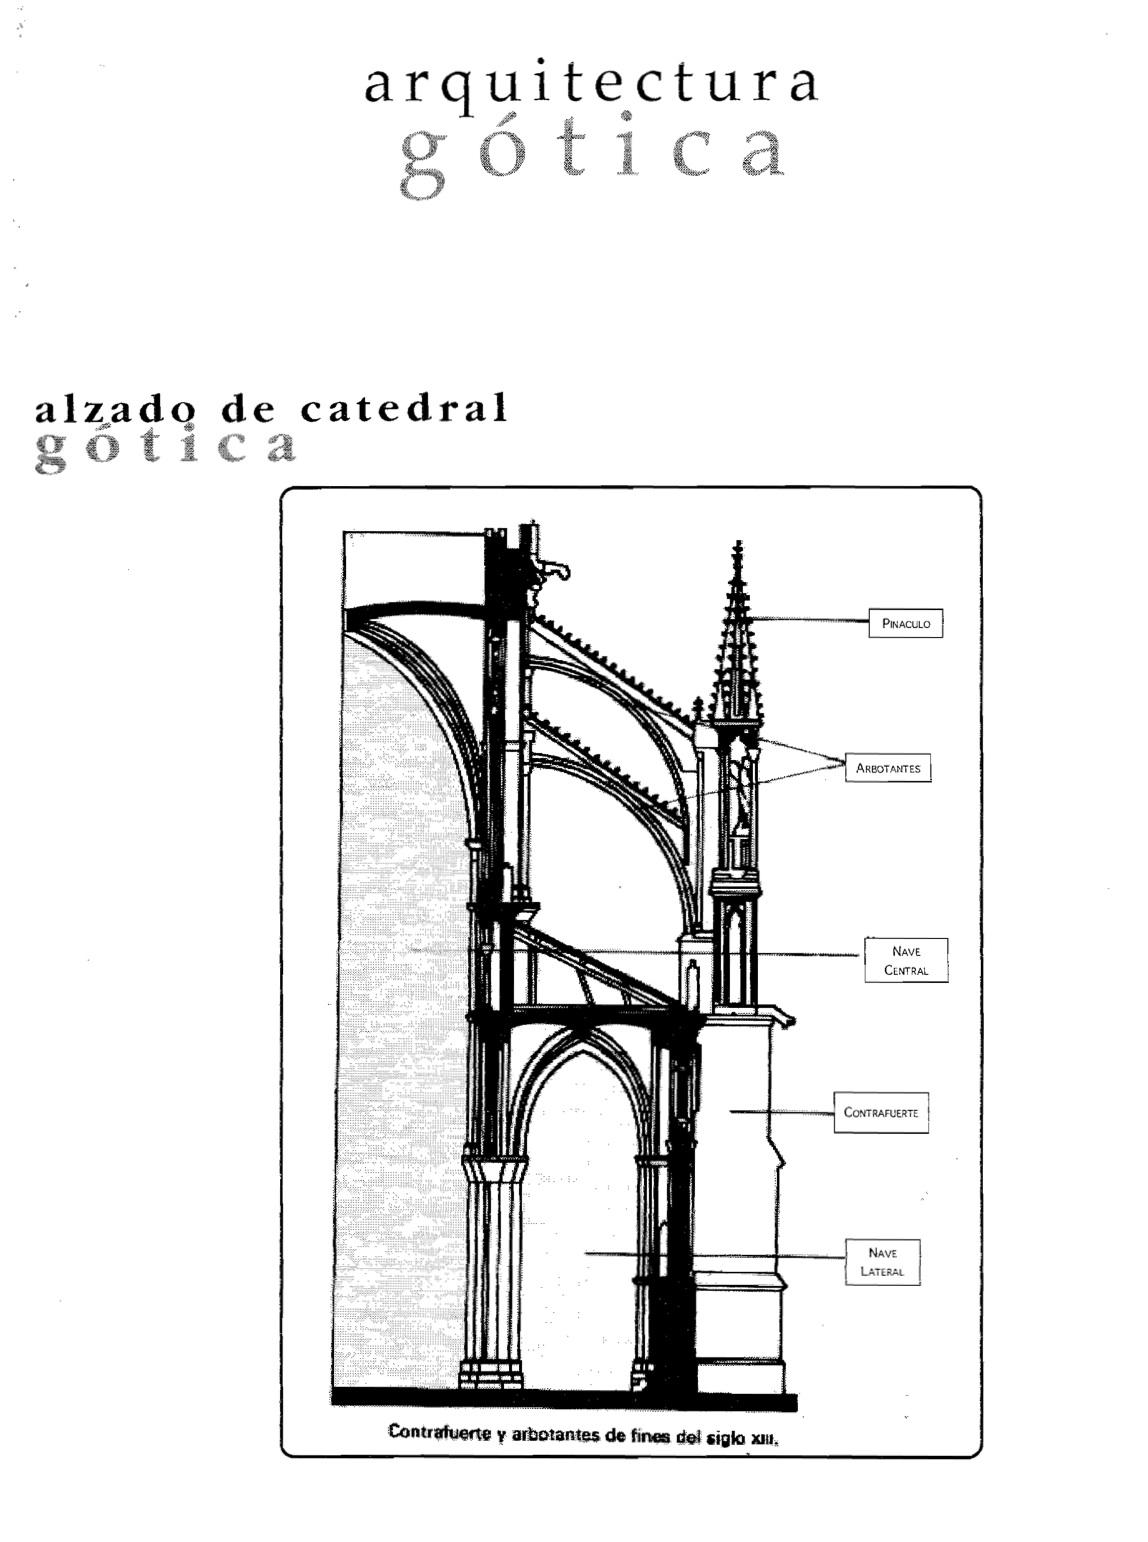 Historia y arte noviembre 2010 - Alzado arquitectura ...